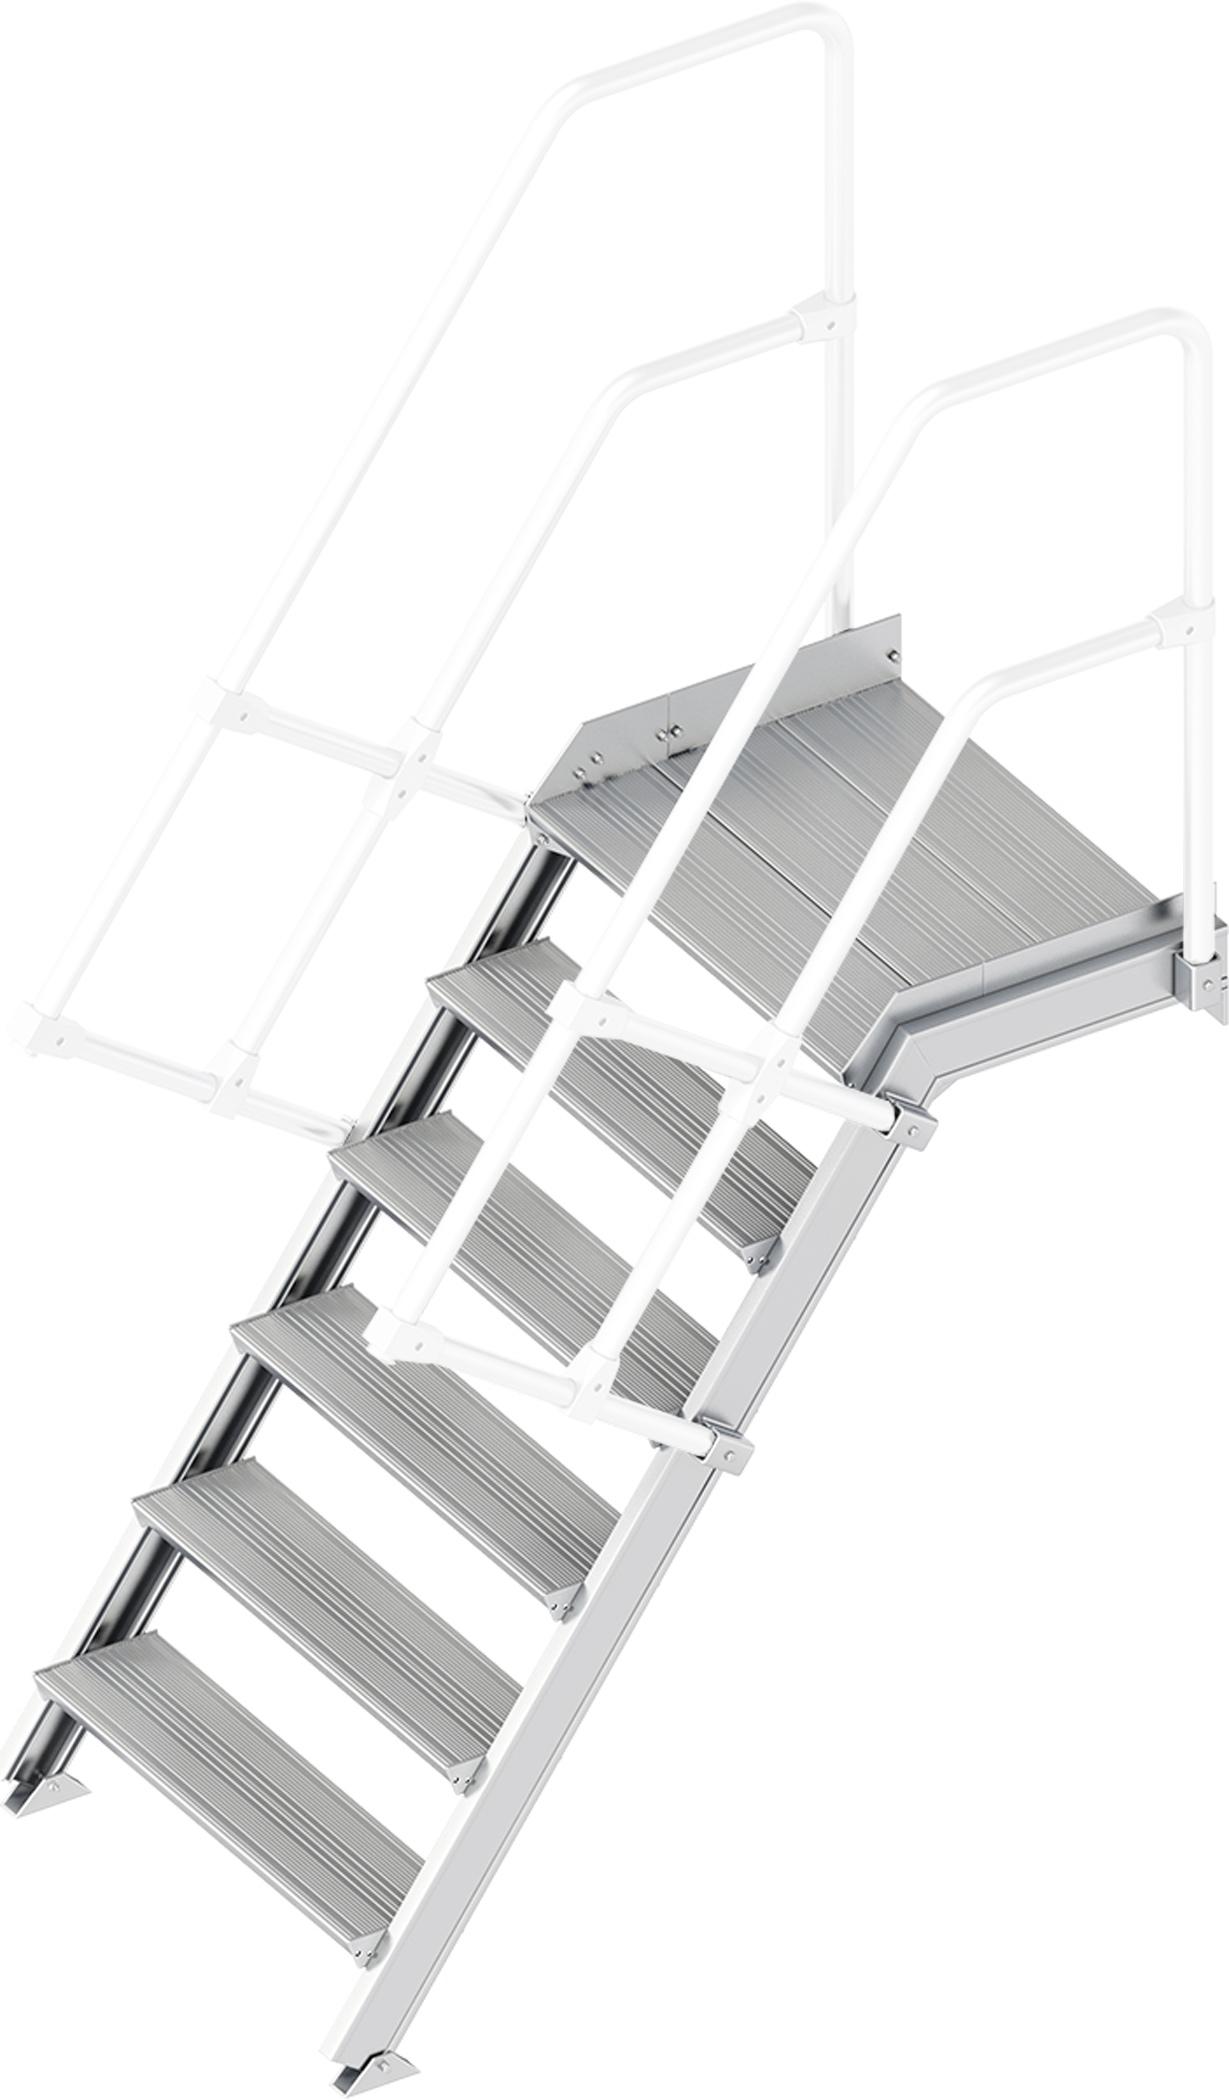 Layher Plattformtreppe 55° 6 Stufen - 800 mm breit